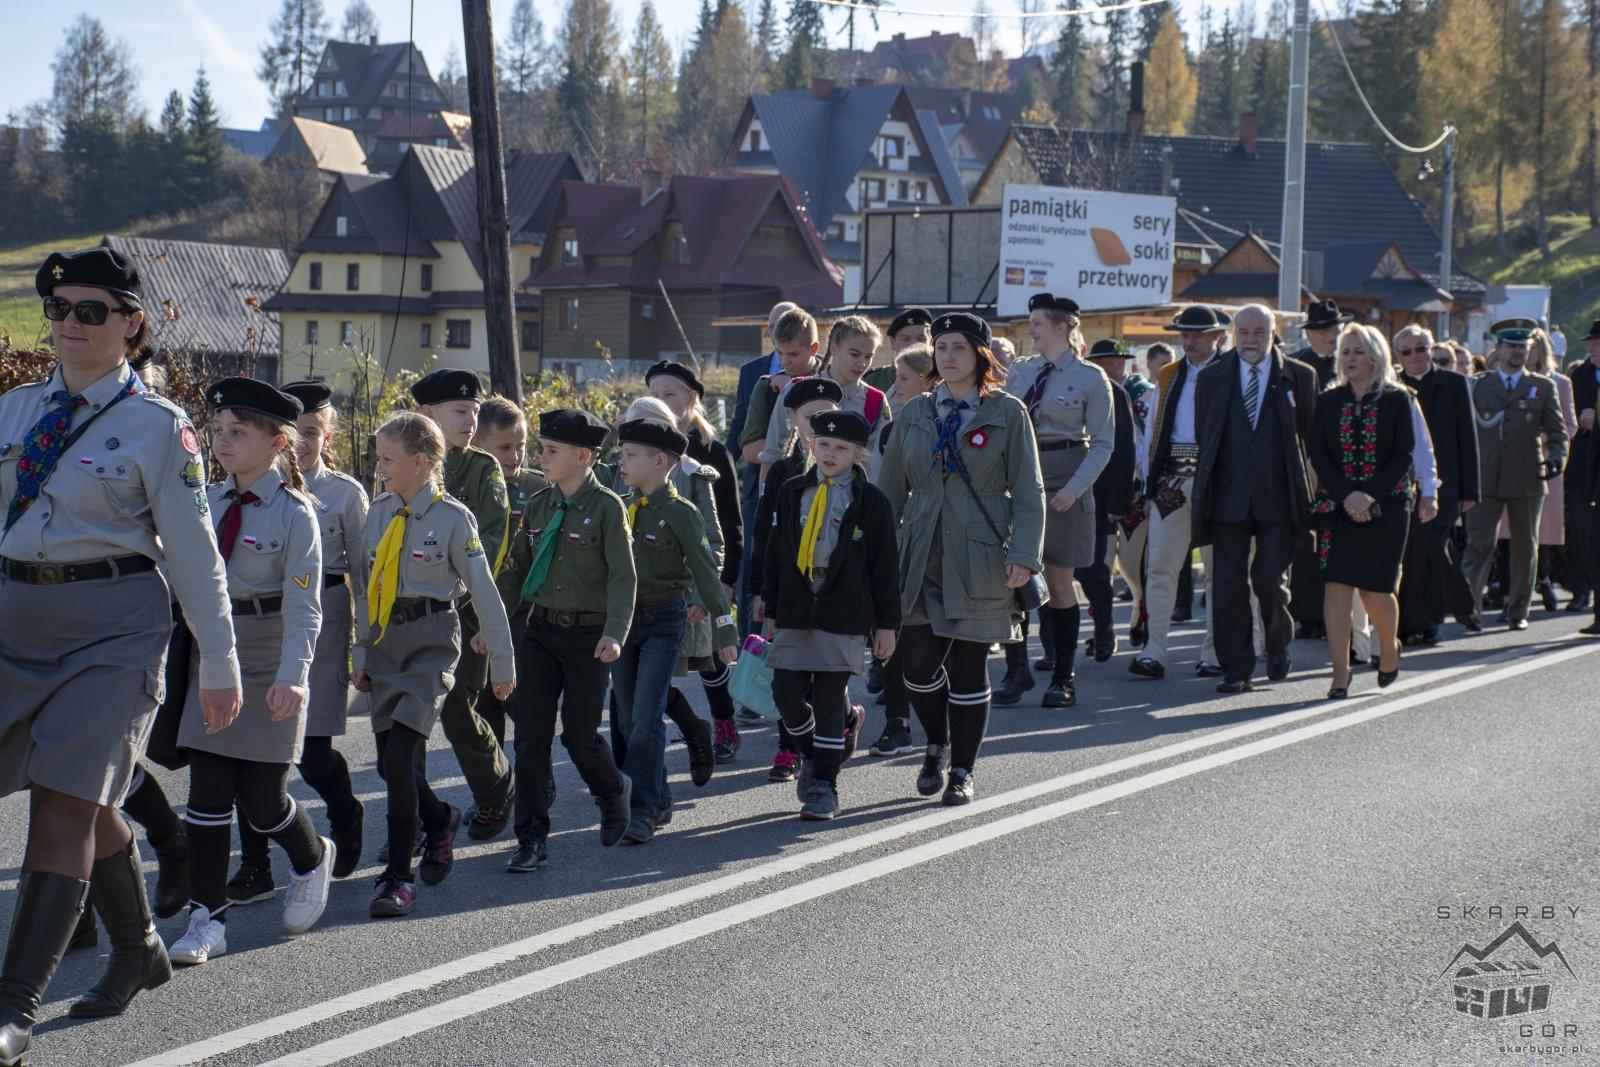 Obchody 100-lecia niepodległości w Bukowinie Tatrzańskiej - Przejście przez Bukowinę Tatrzańską